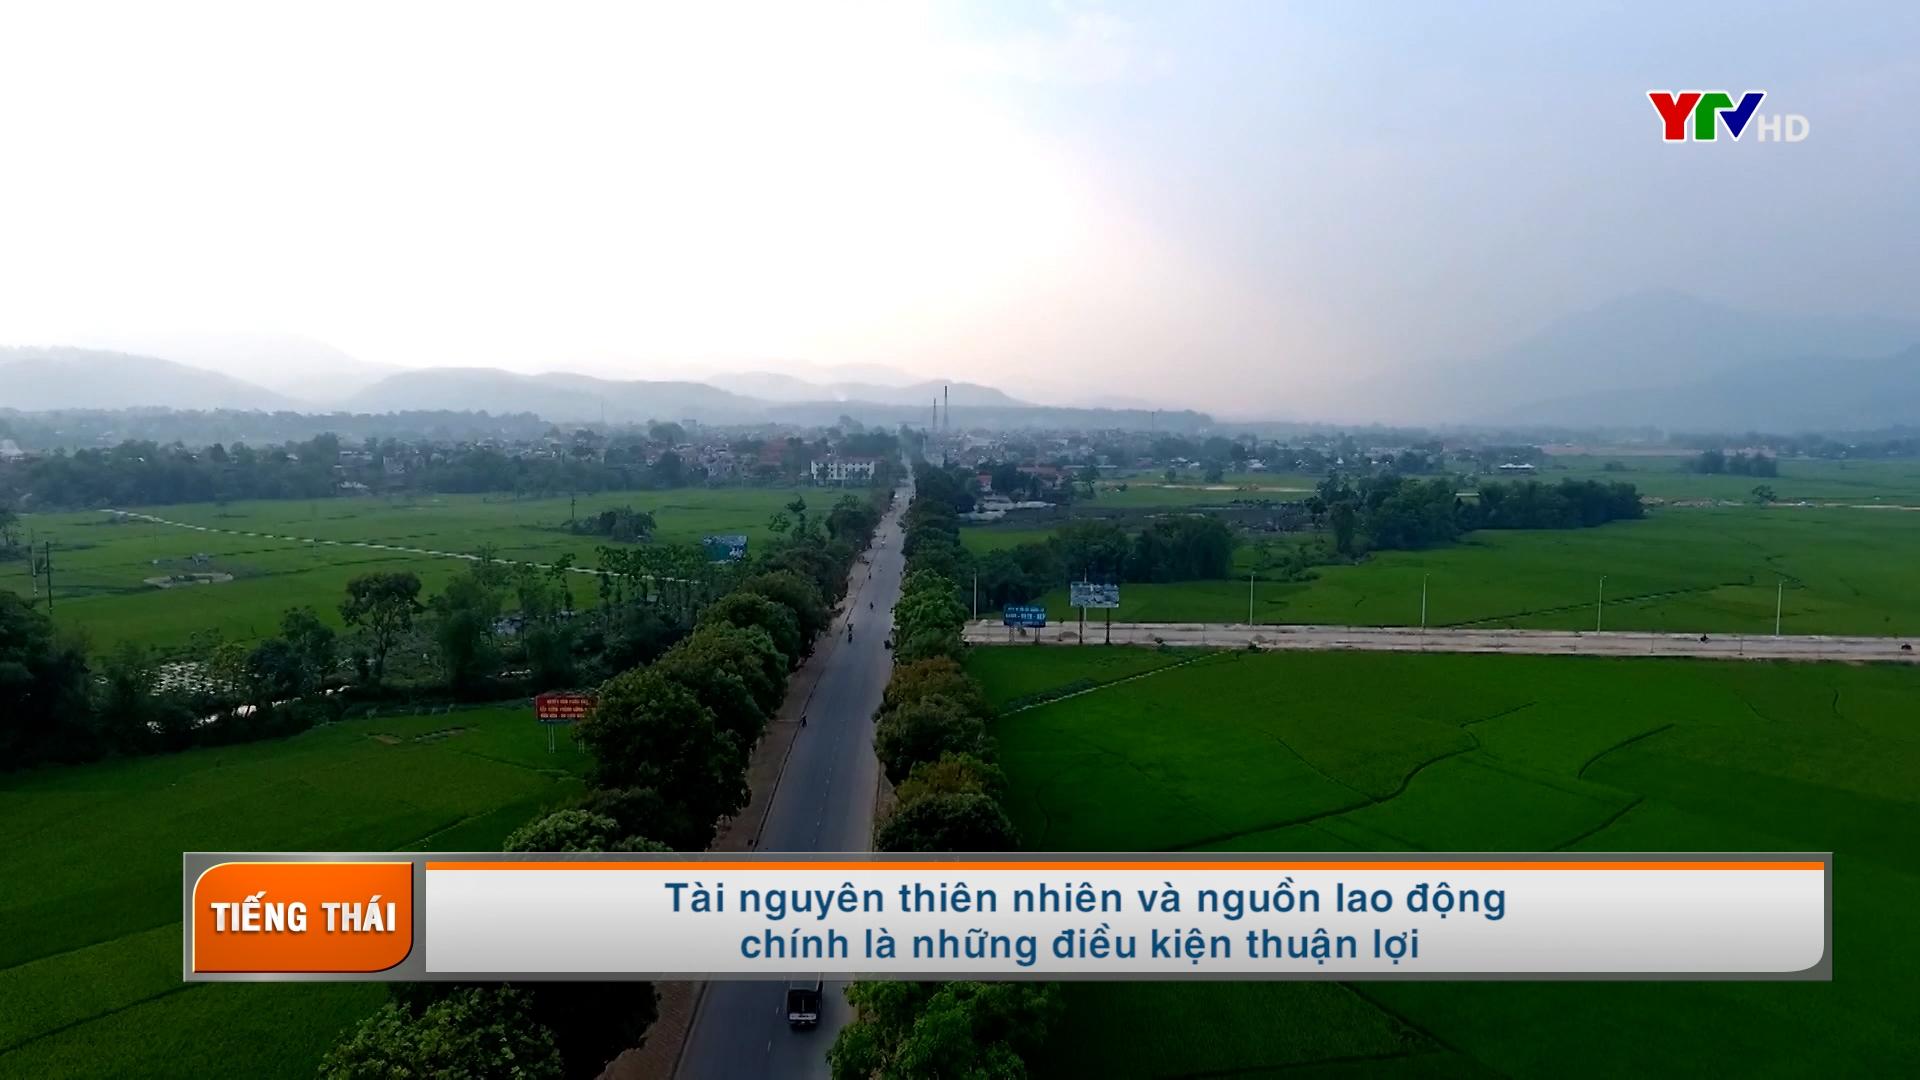 Tạp chí truyền hình tiếng Thái số 2 tháng 4 năm 2021